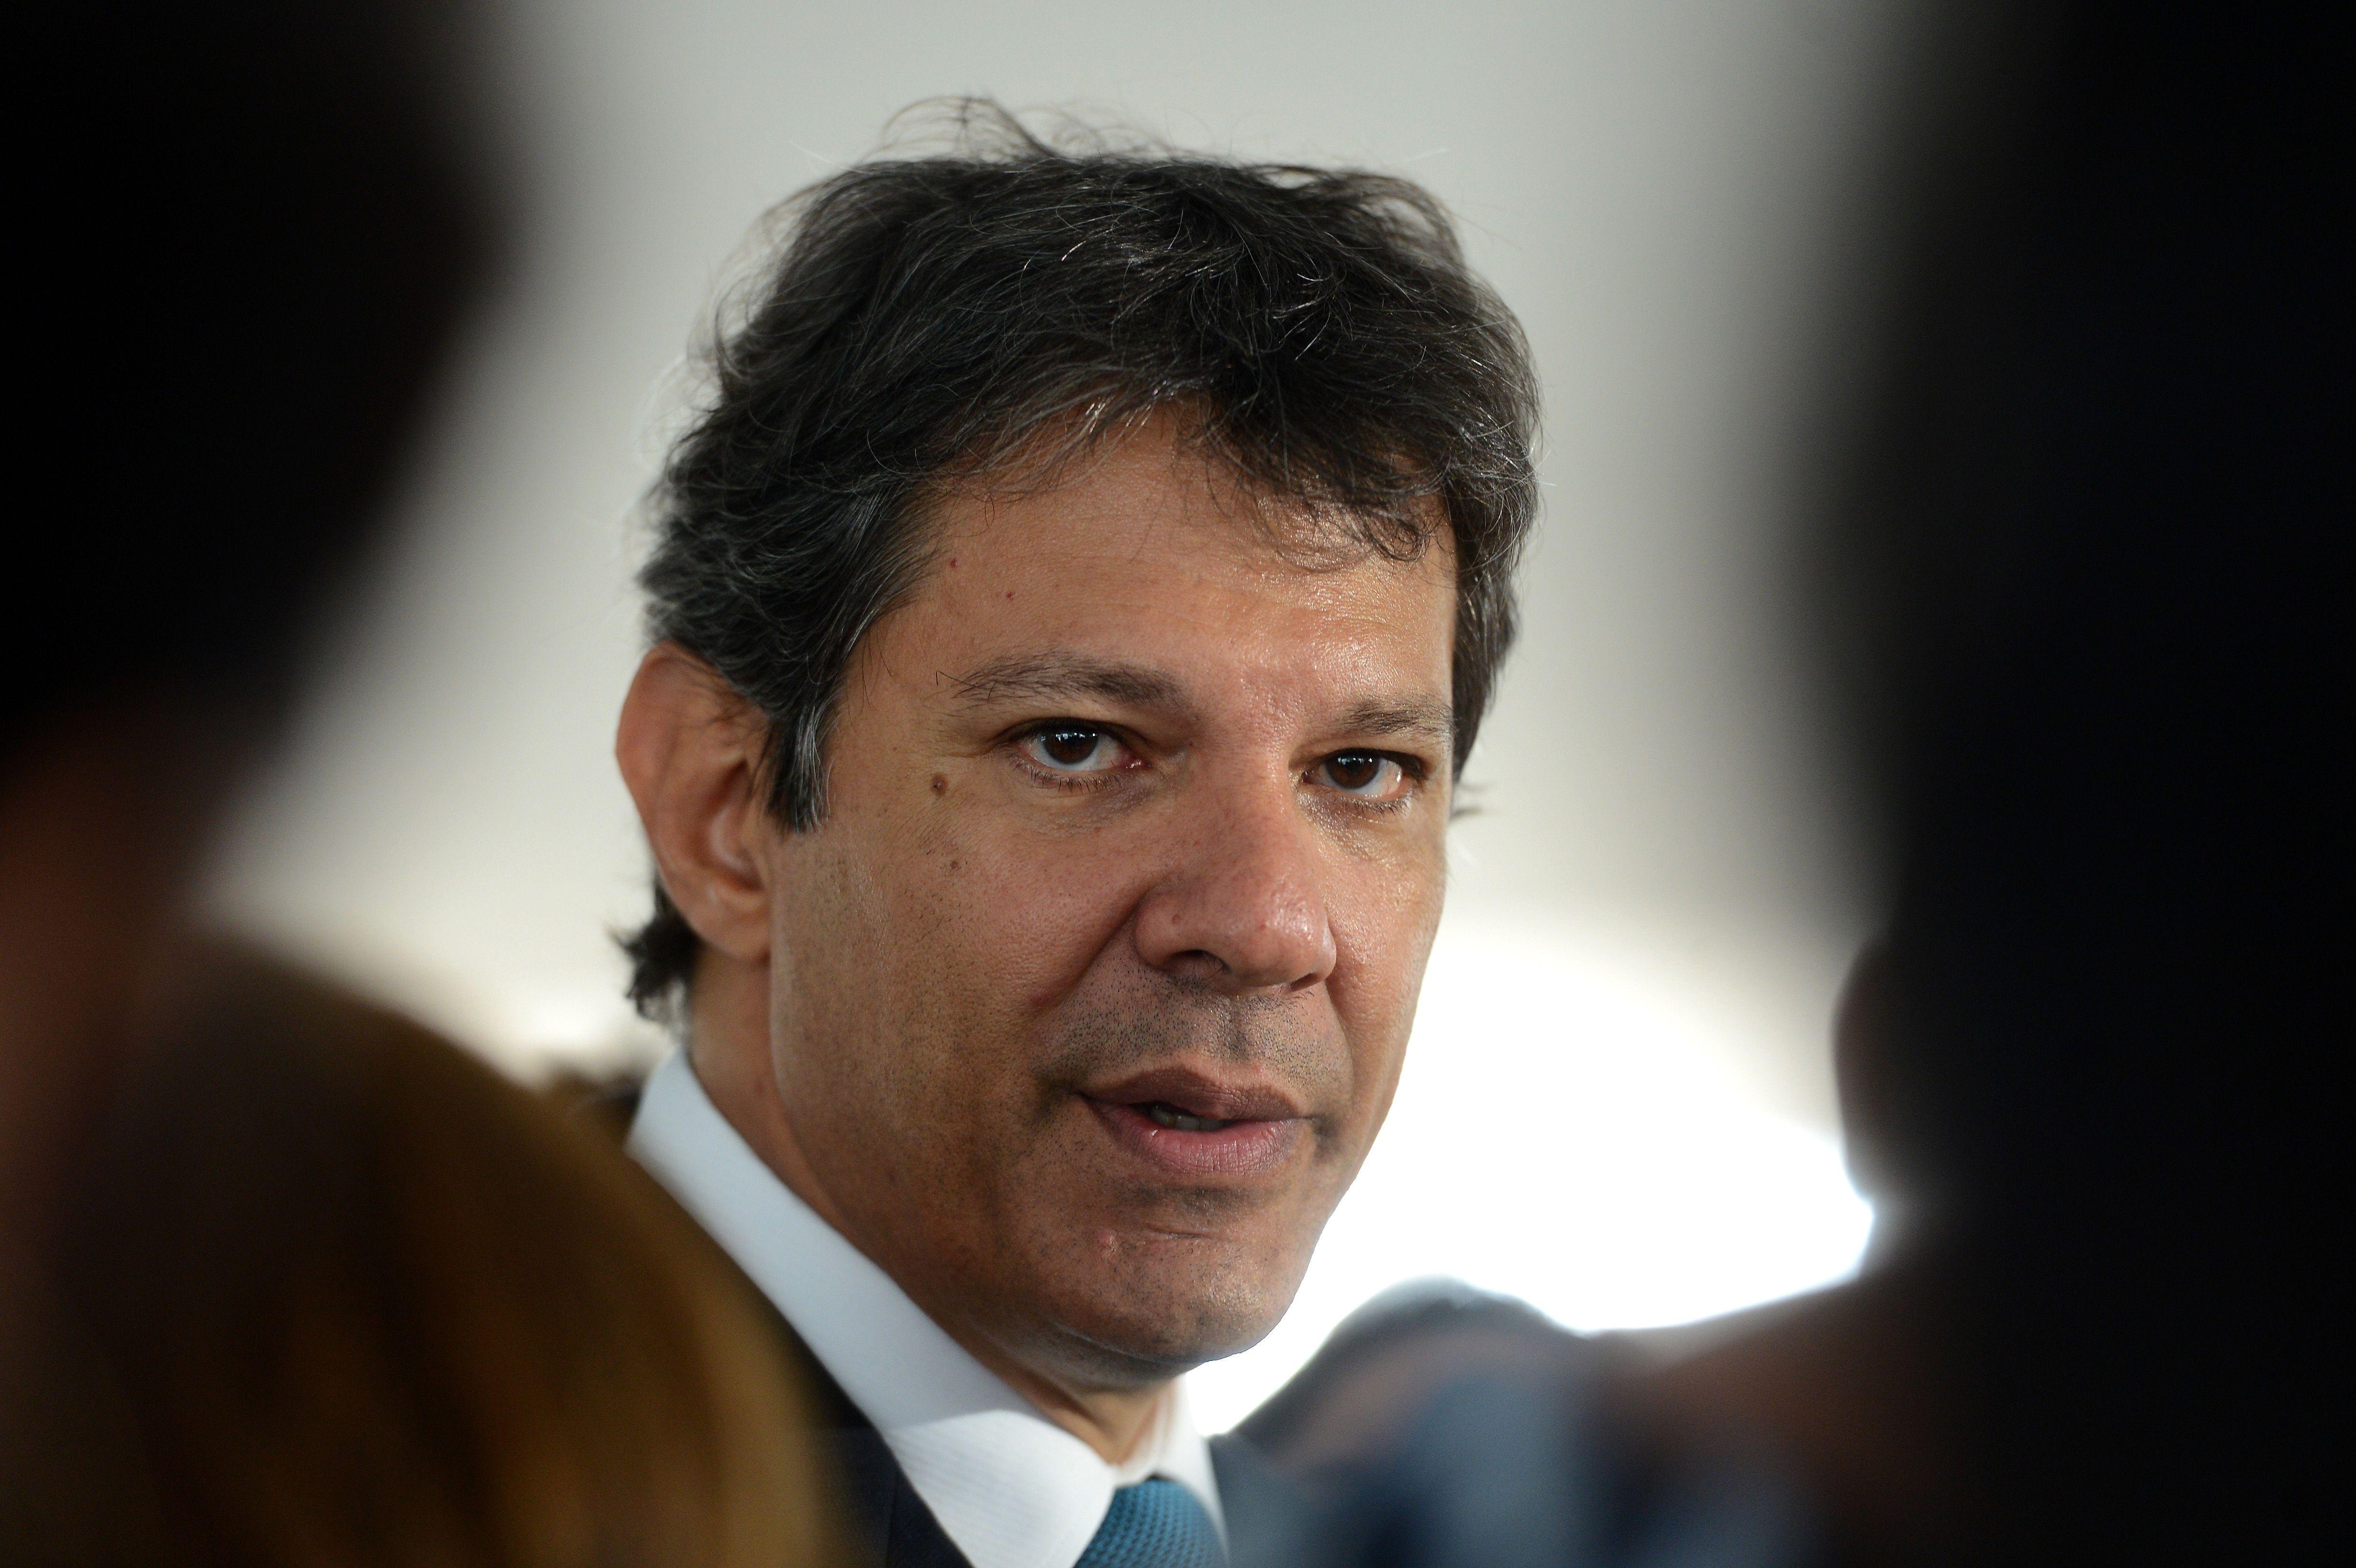 IMAGEM: Justiça Eleitoral de SP absolve Haddad de acusação de caixa dois